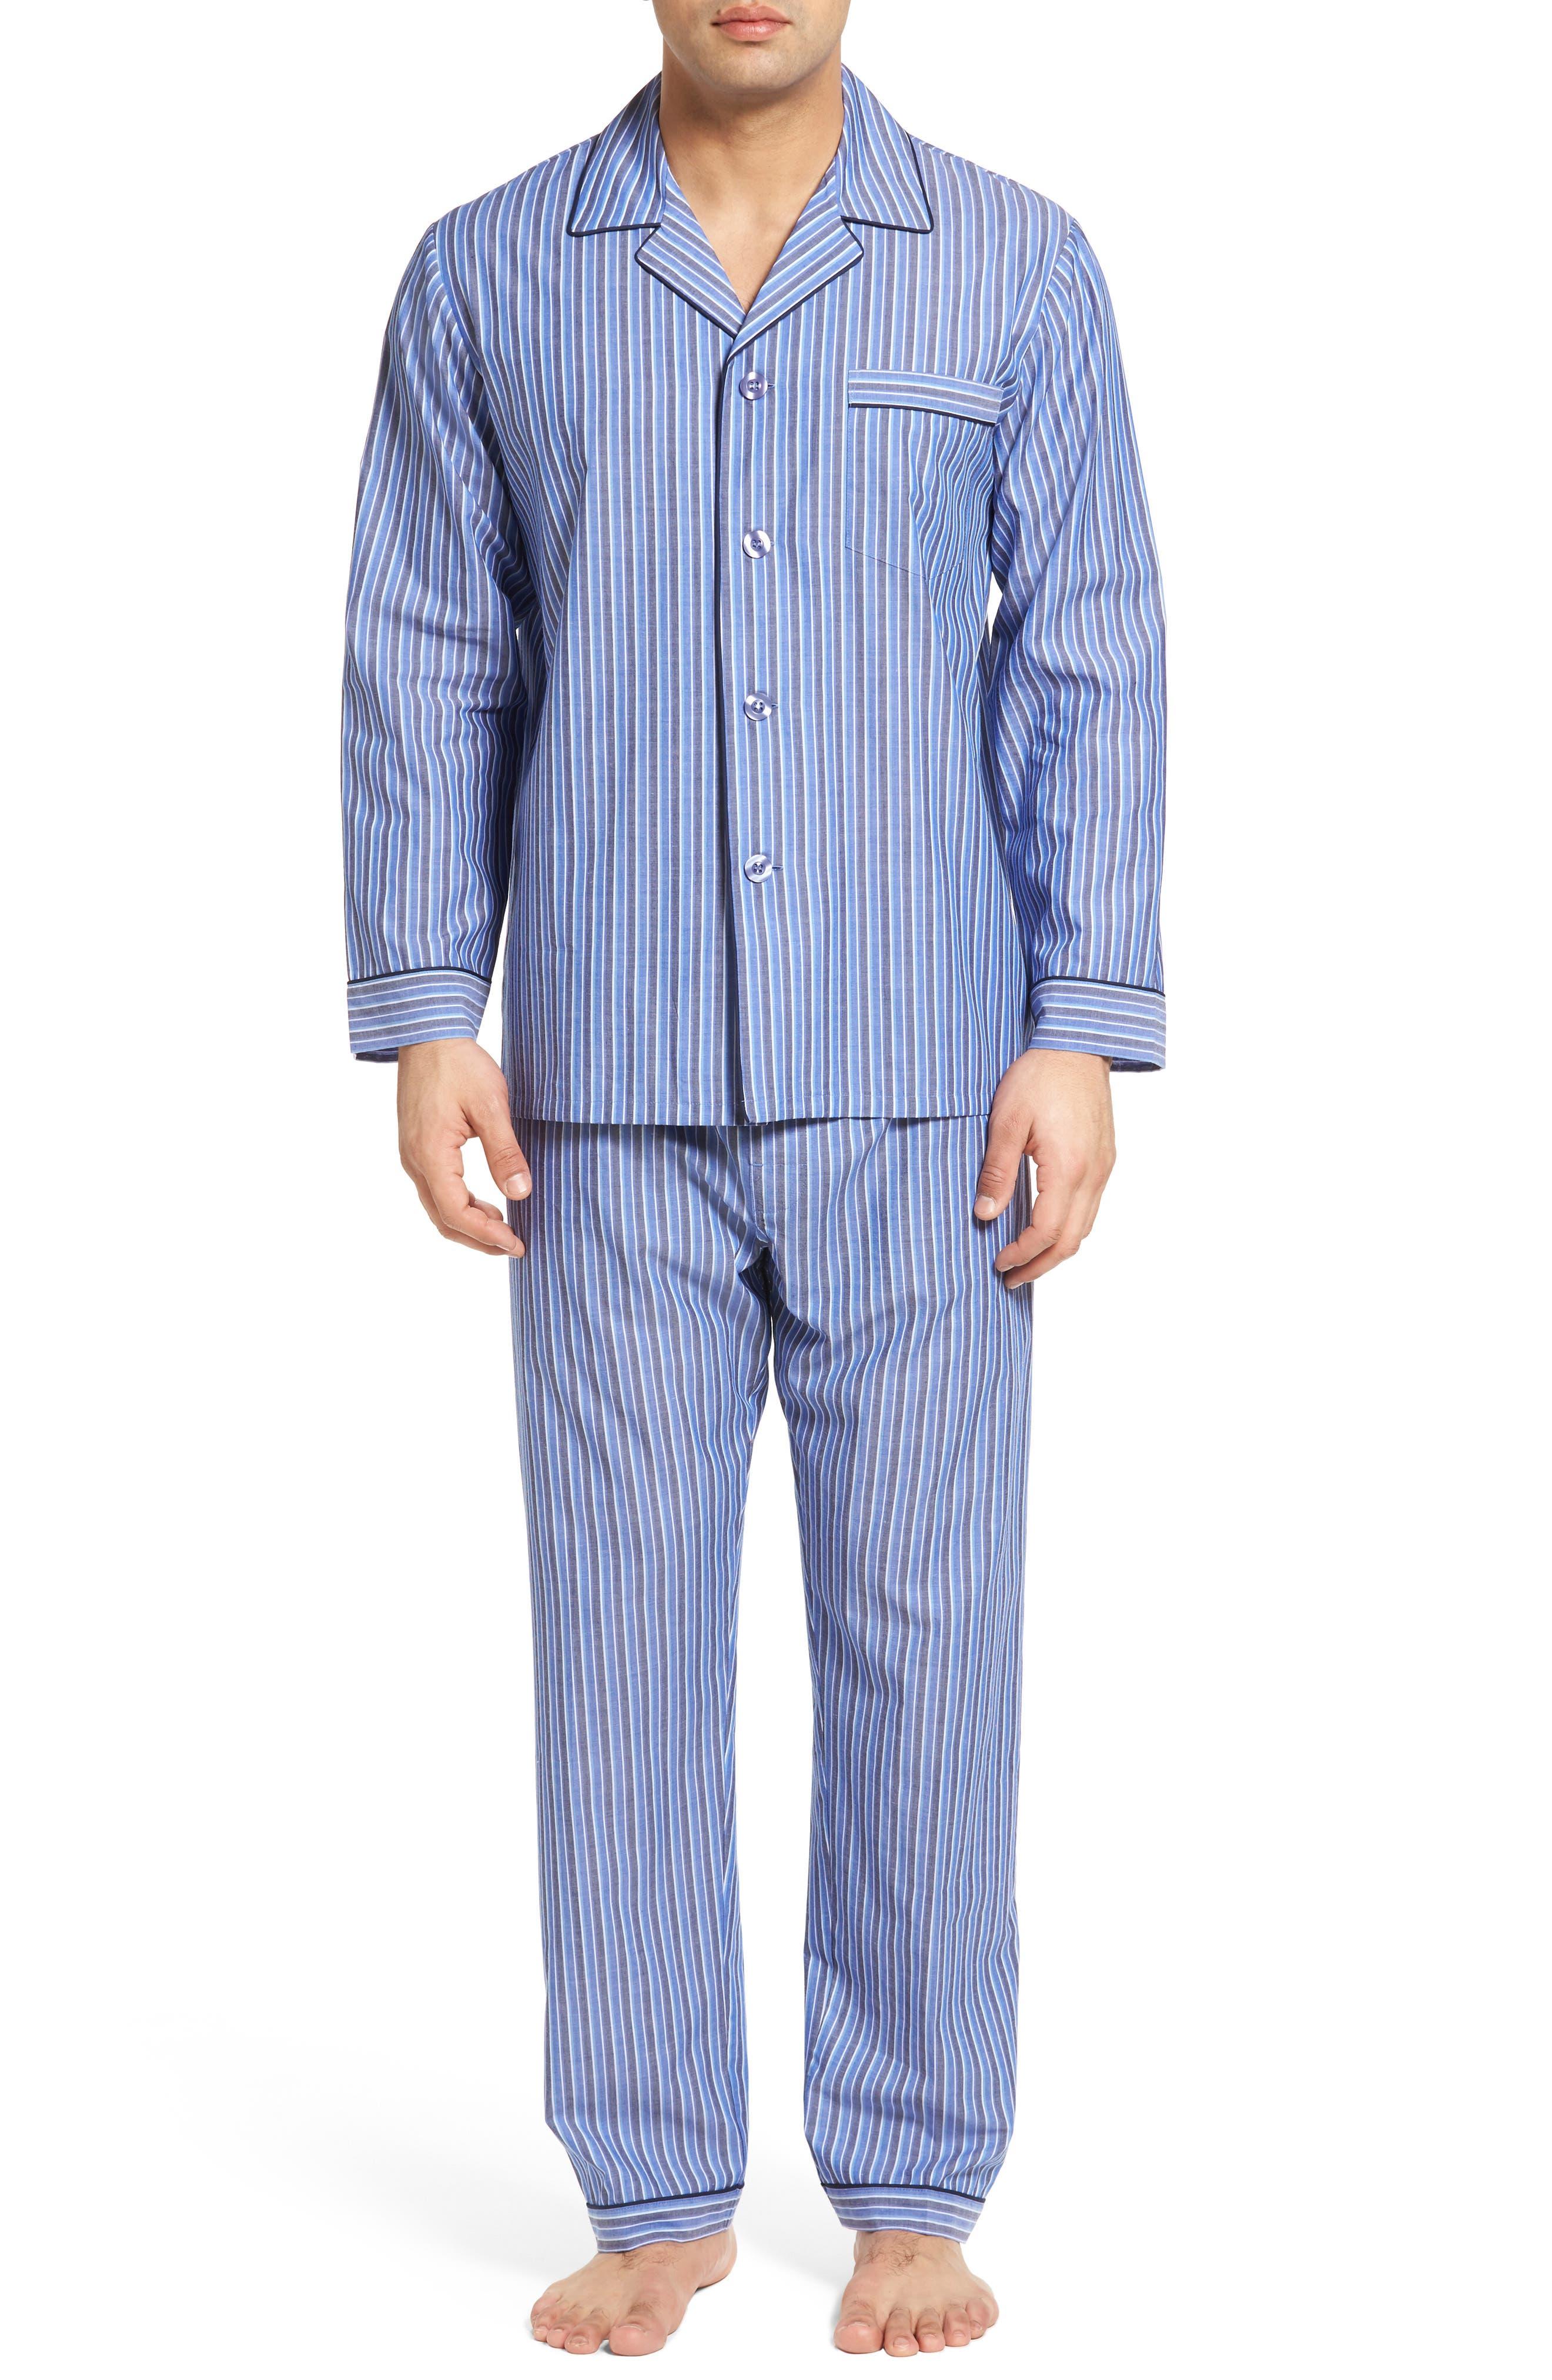 Cole Cotton Blend Pajama Set,                         Main,                         color,